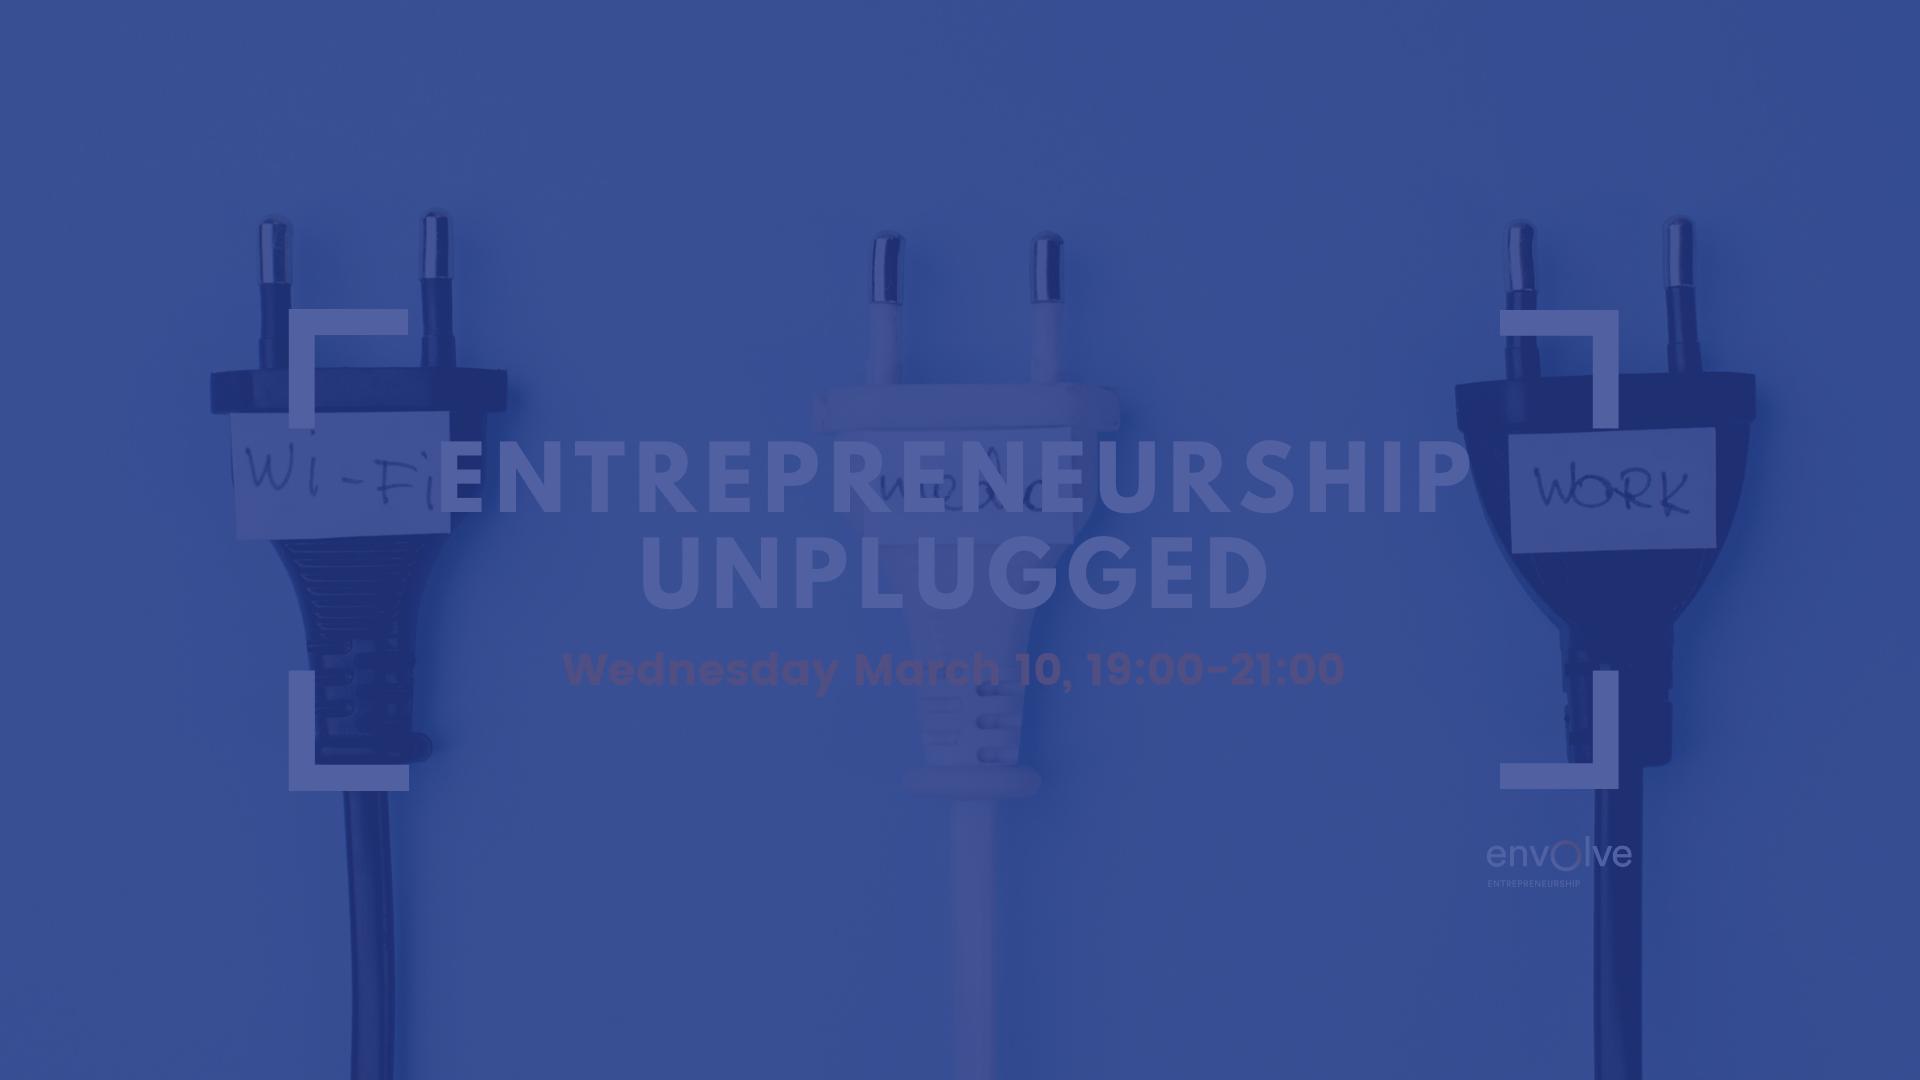 Την Τετάρτη 10 Μαρτίου διοργανώνεται το Entrepreneurship Unplugged